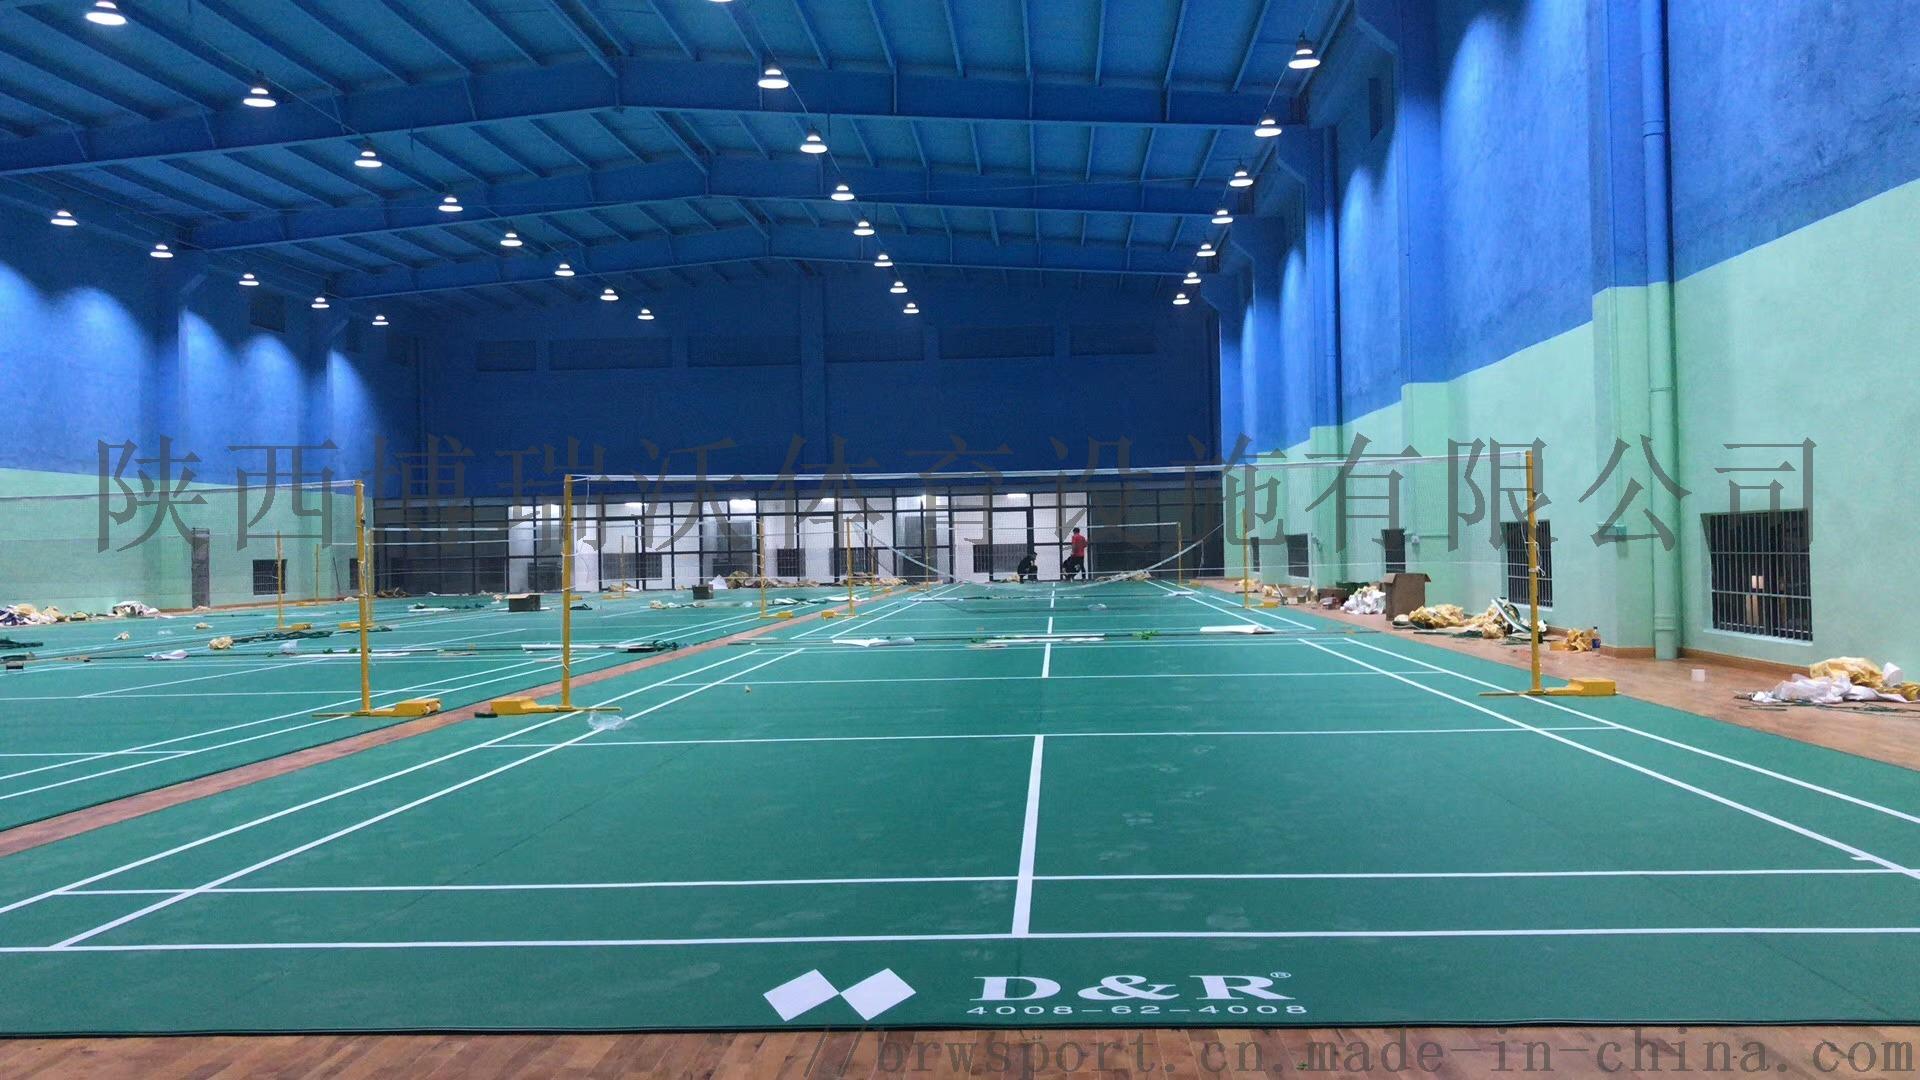 公园羽毛球场,羽毛球场公园材料造价848134052